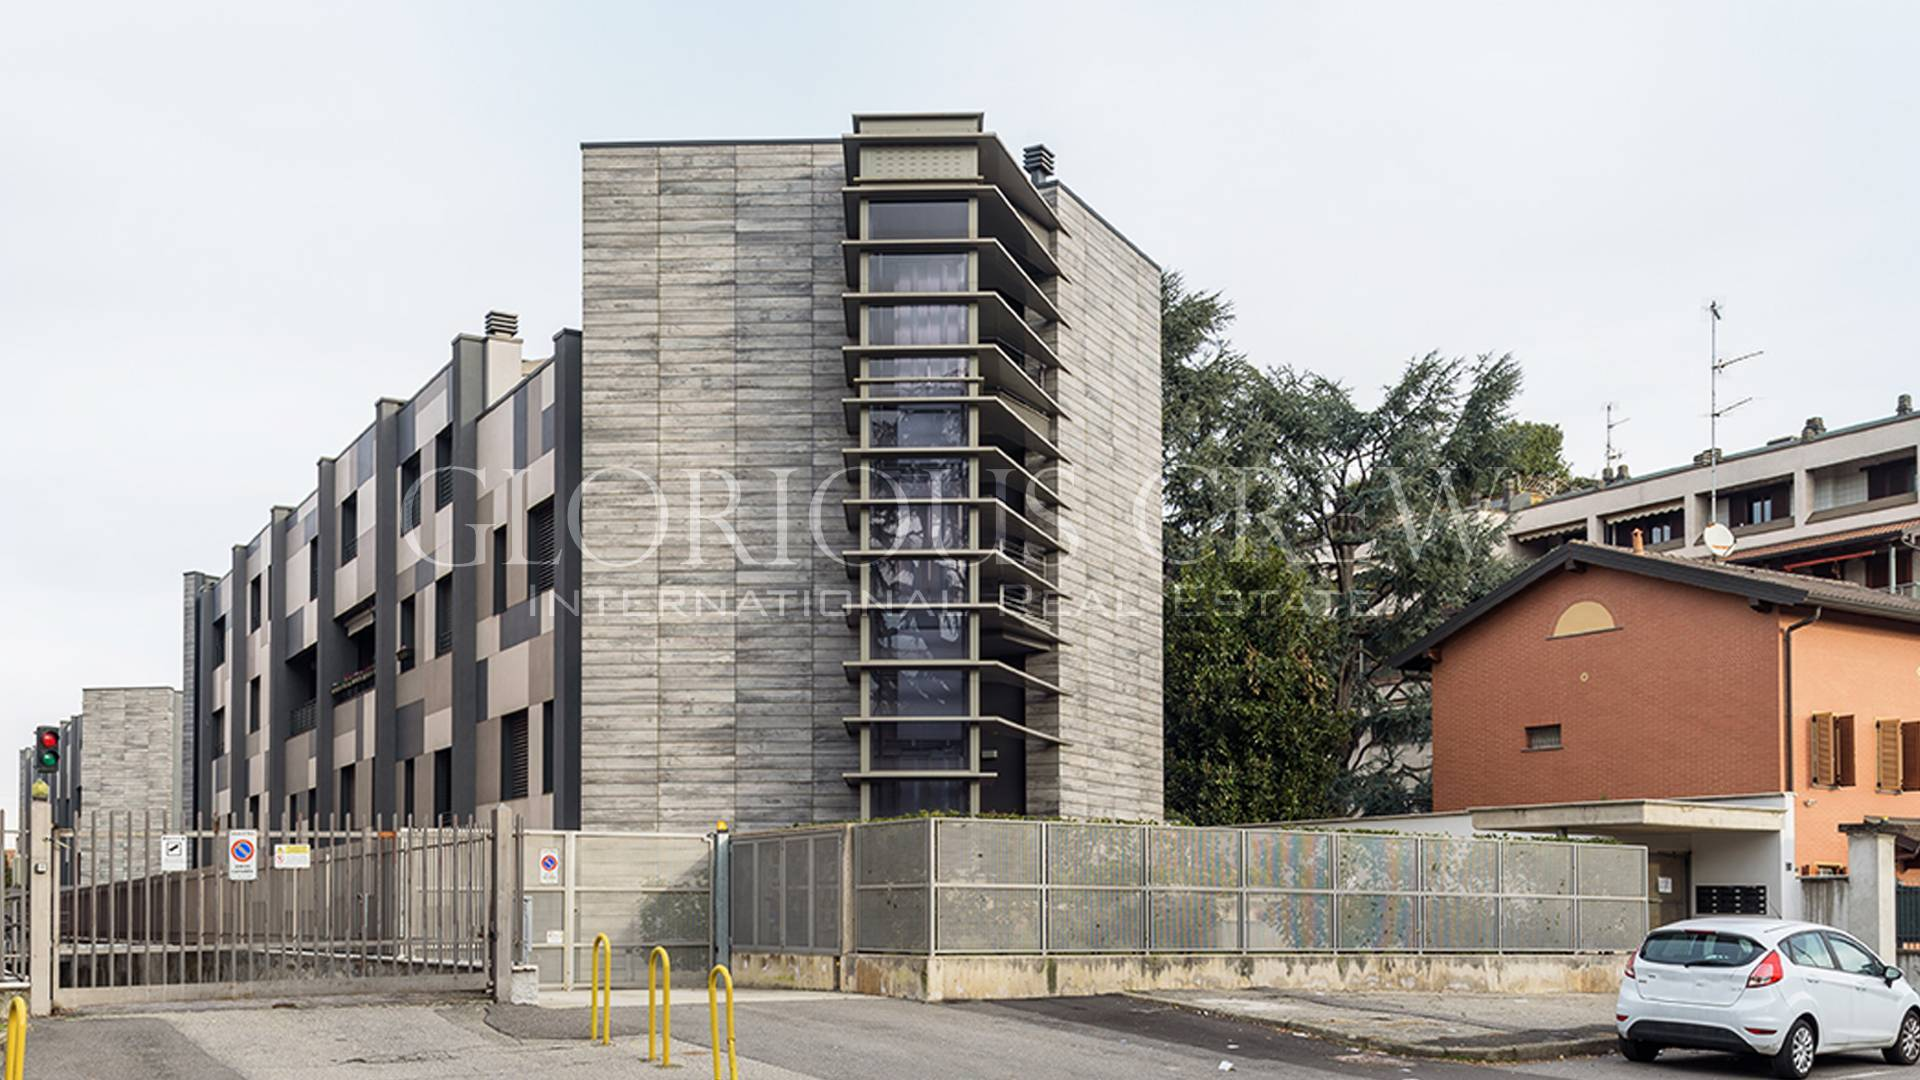 Appartamento in Vendita a Monza: 4 locali, 149 mq - Foto 5